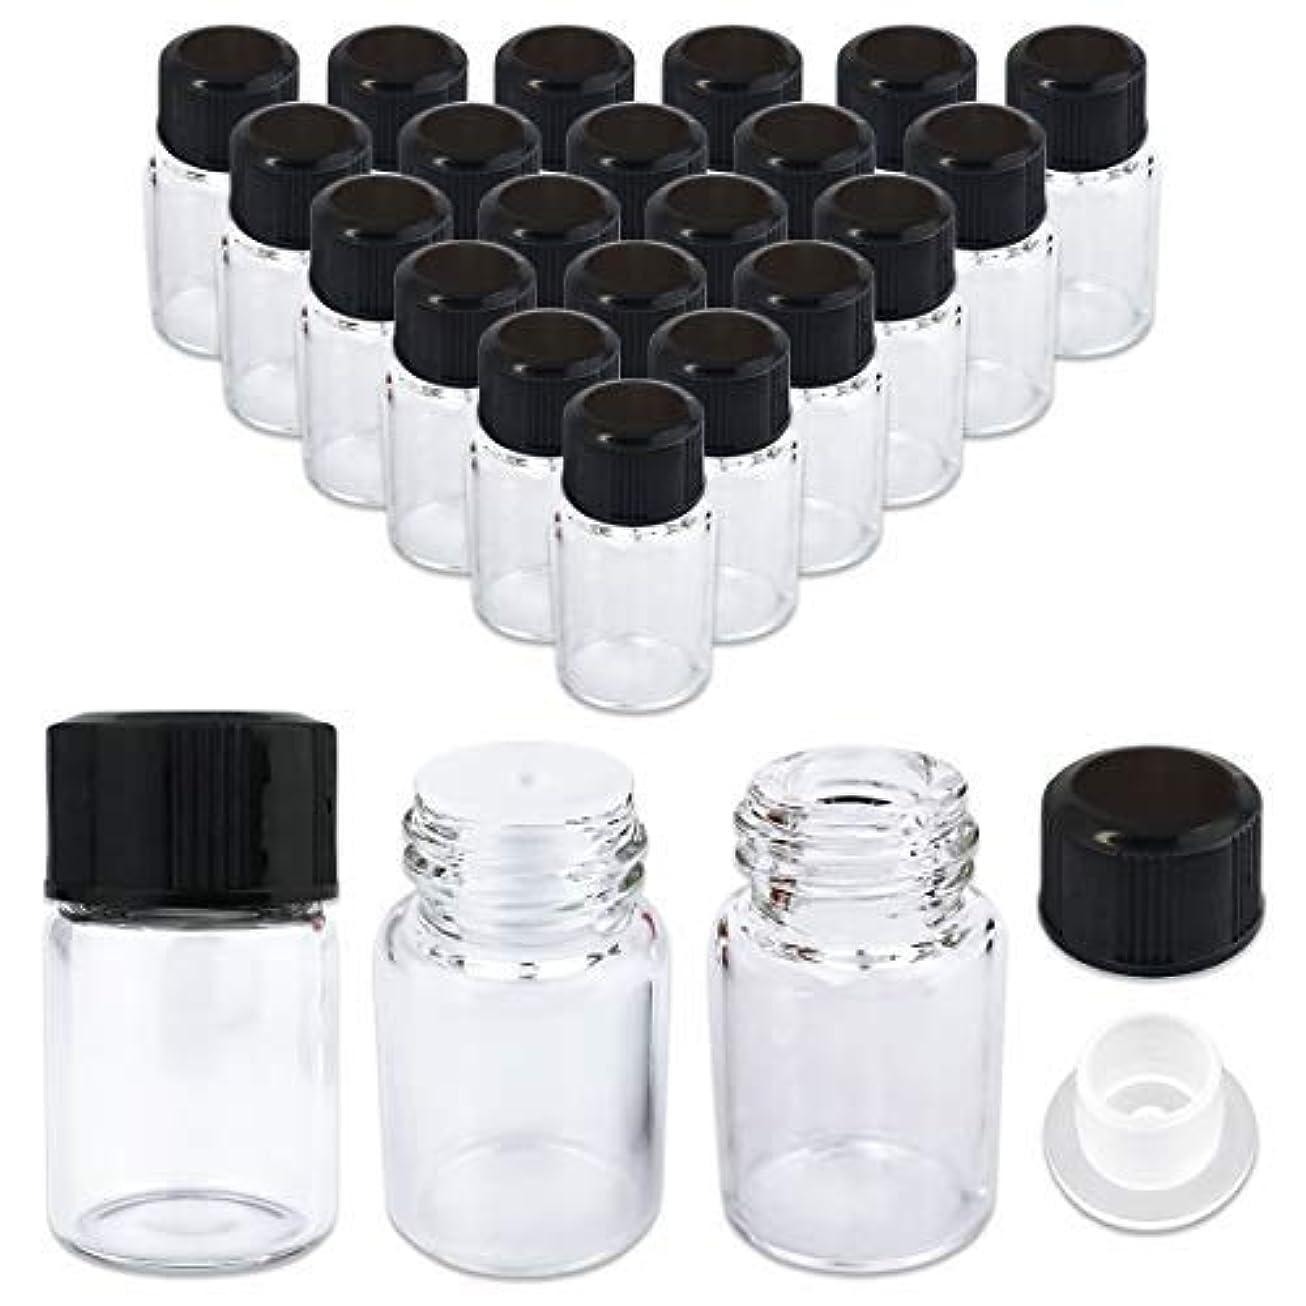 自動車顔料の量24 Packs Beauticom 2ML Clear Glass Vial for Essential Oils, Aromatherapy, Fragrance, Serums, Spritzes, with Orifice Reducer and Dropper Top [並行輸入品]